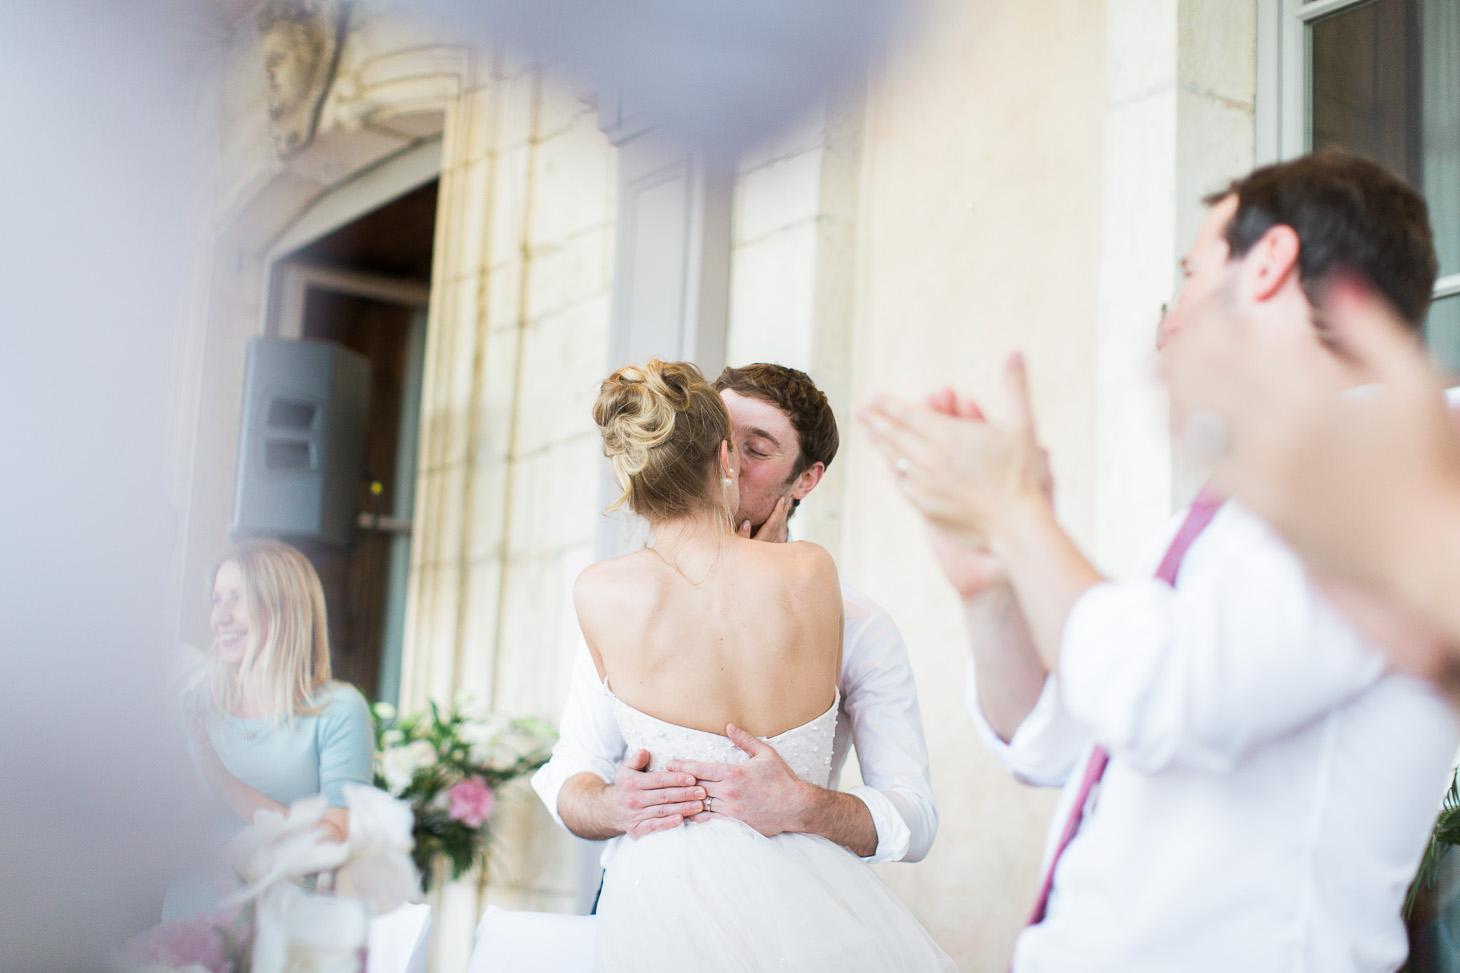 bourgogne_wedding_photographer_chateau_pommard-110